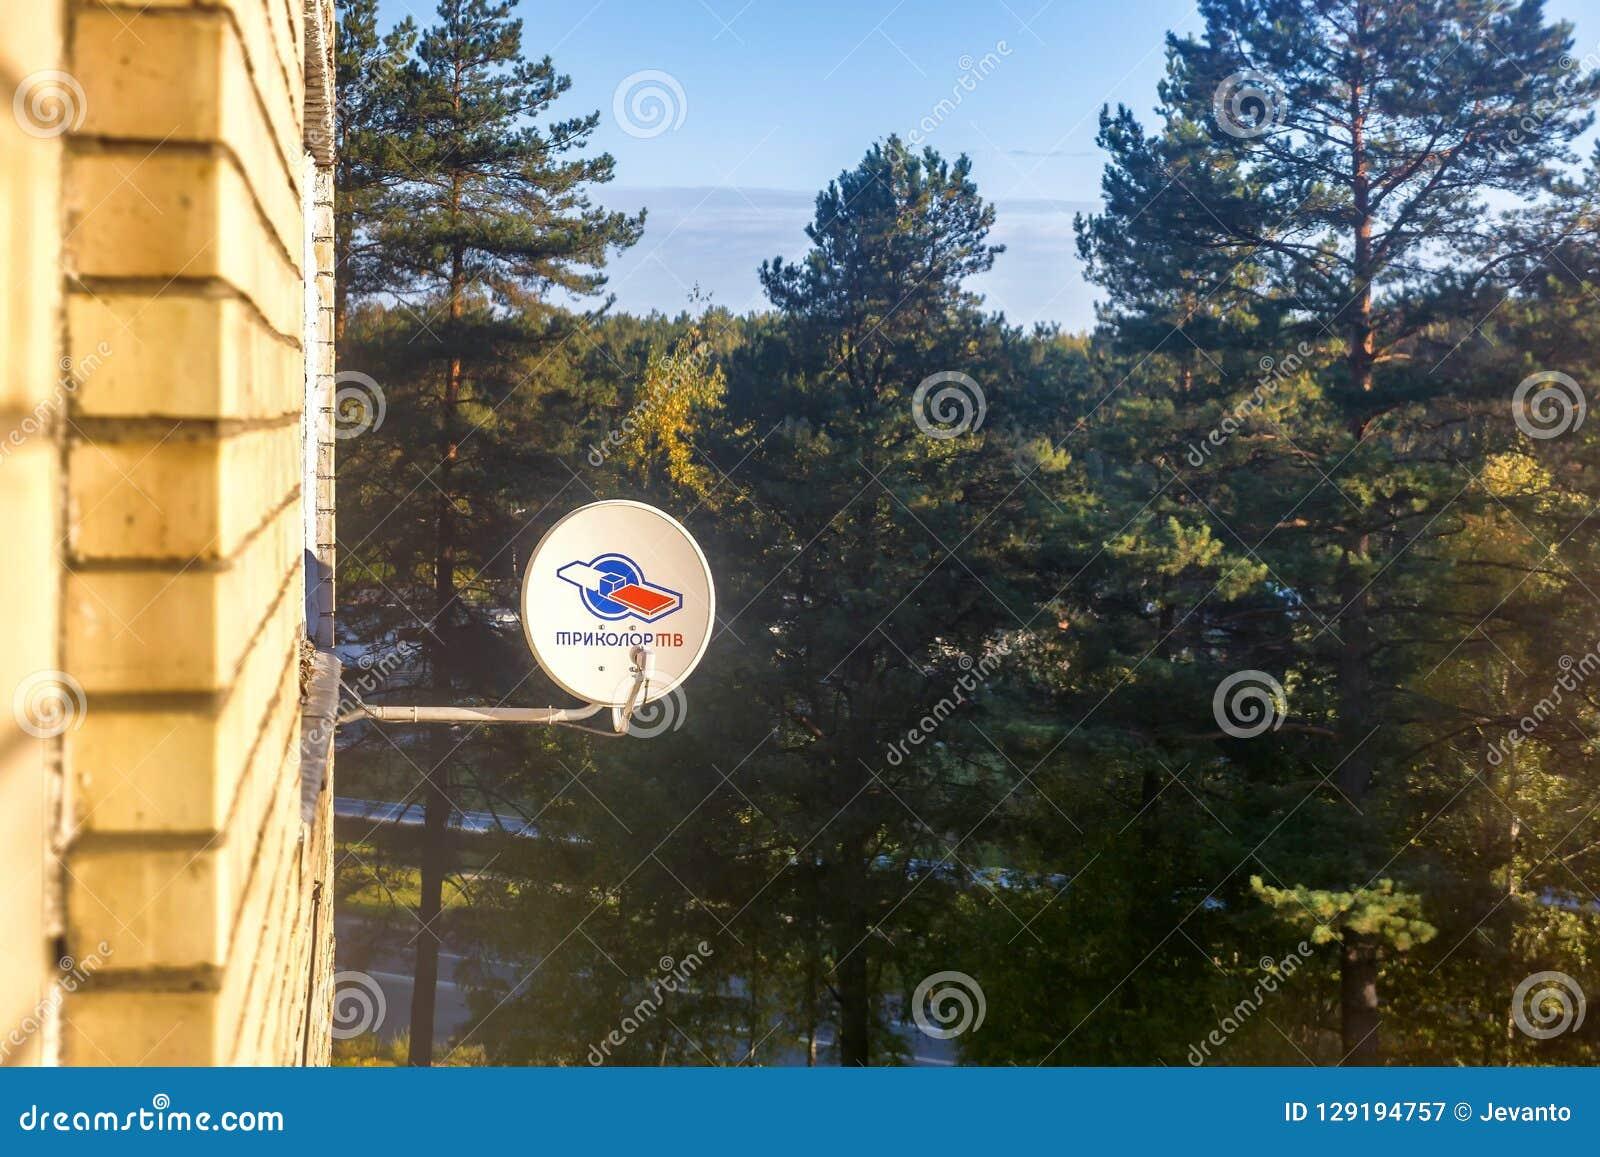 Visaginas Lituânia 1º de outubro de 2018: Prato aéreo satélite Tricolor da antena na parede de tijolo sobre madeiras de pinho